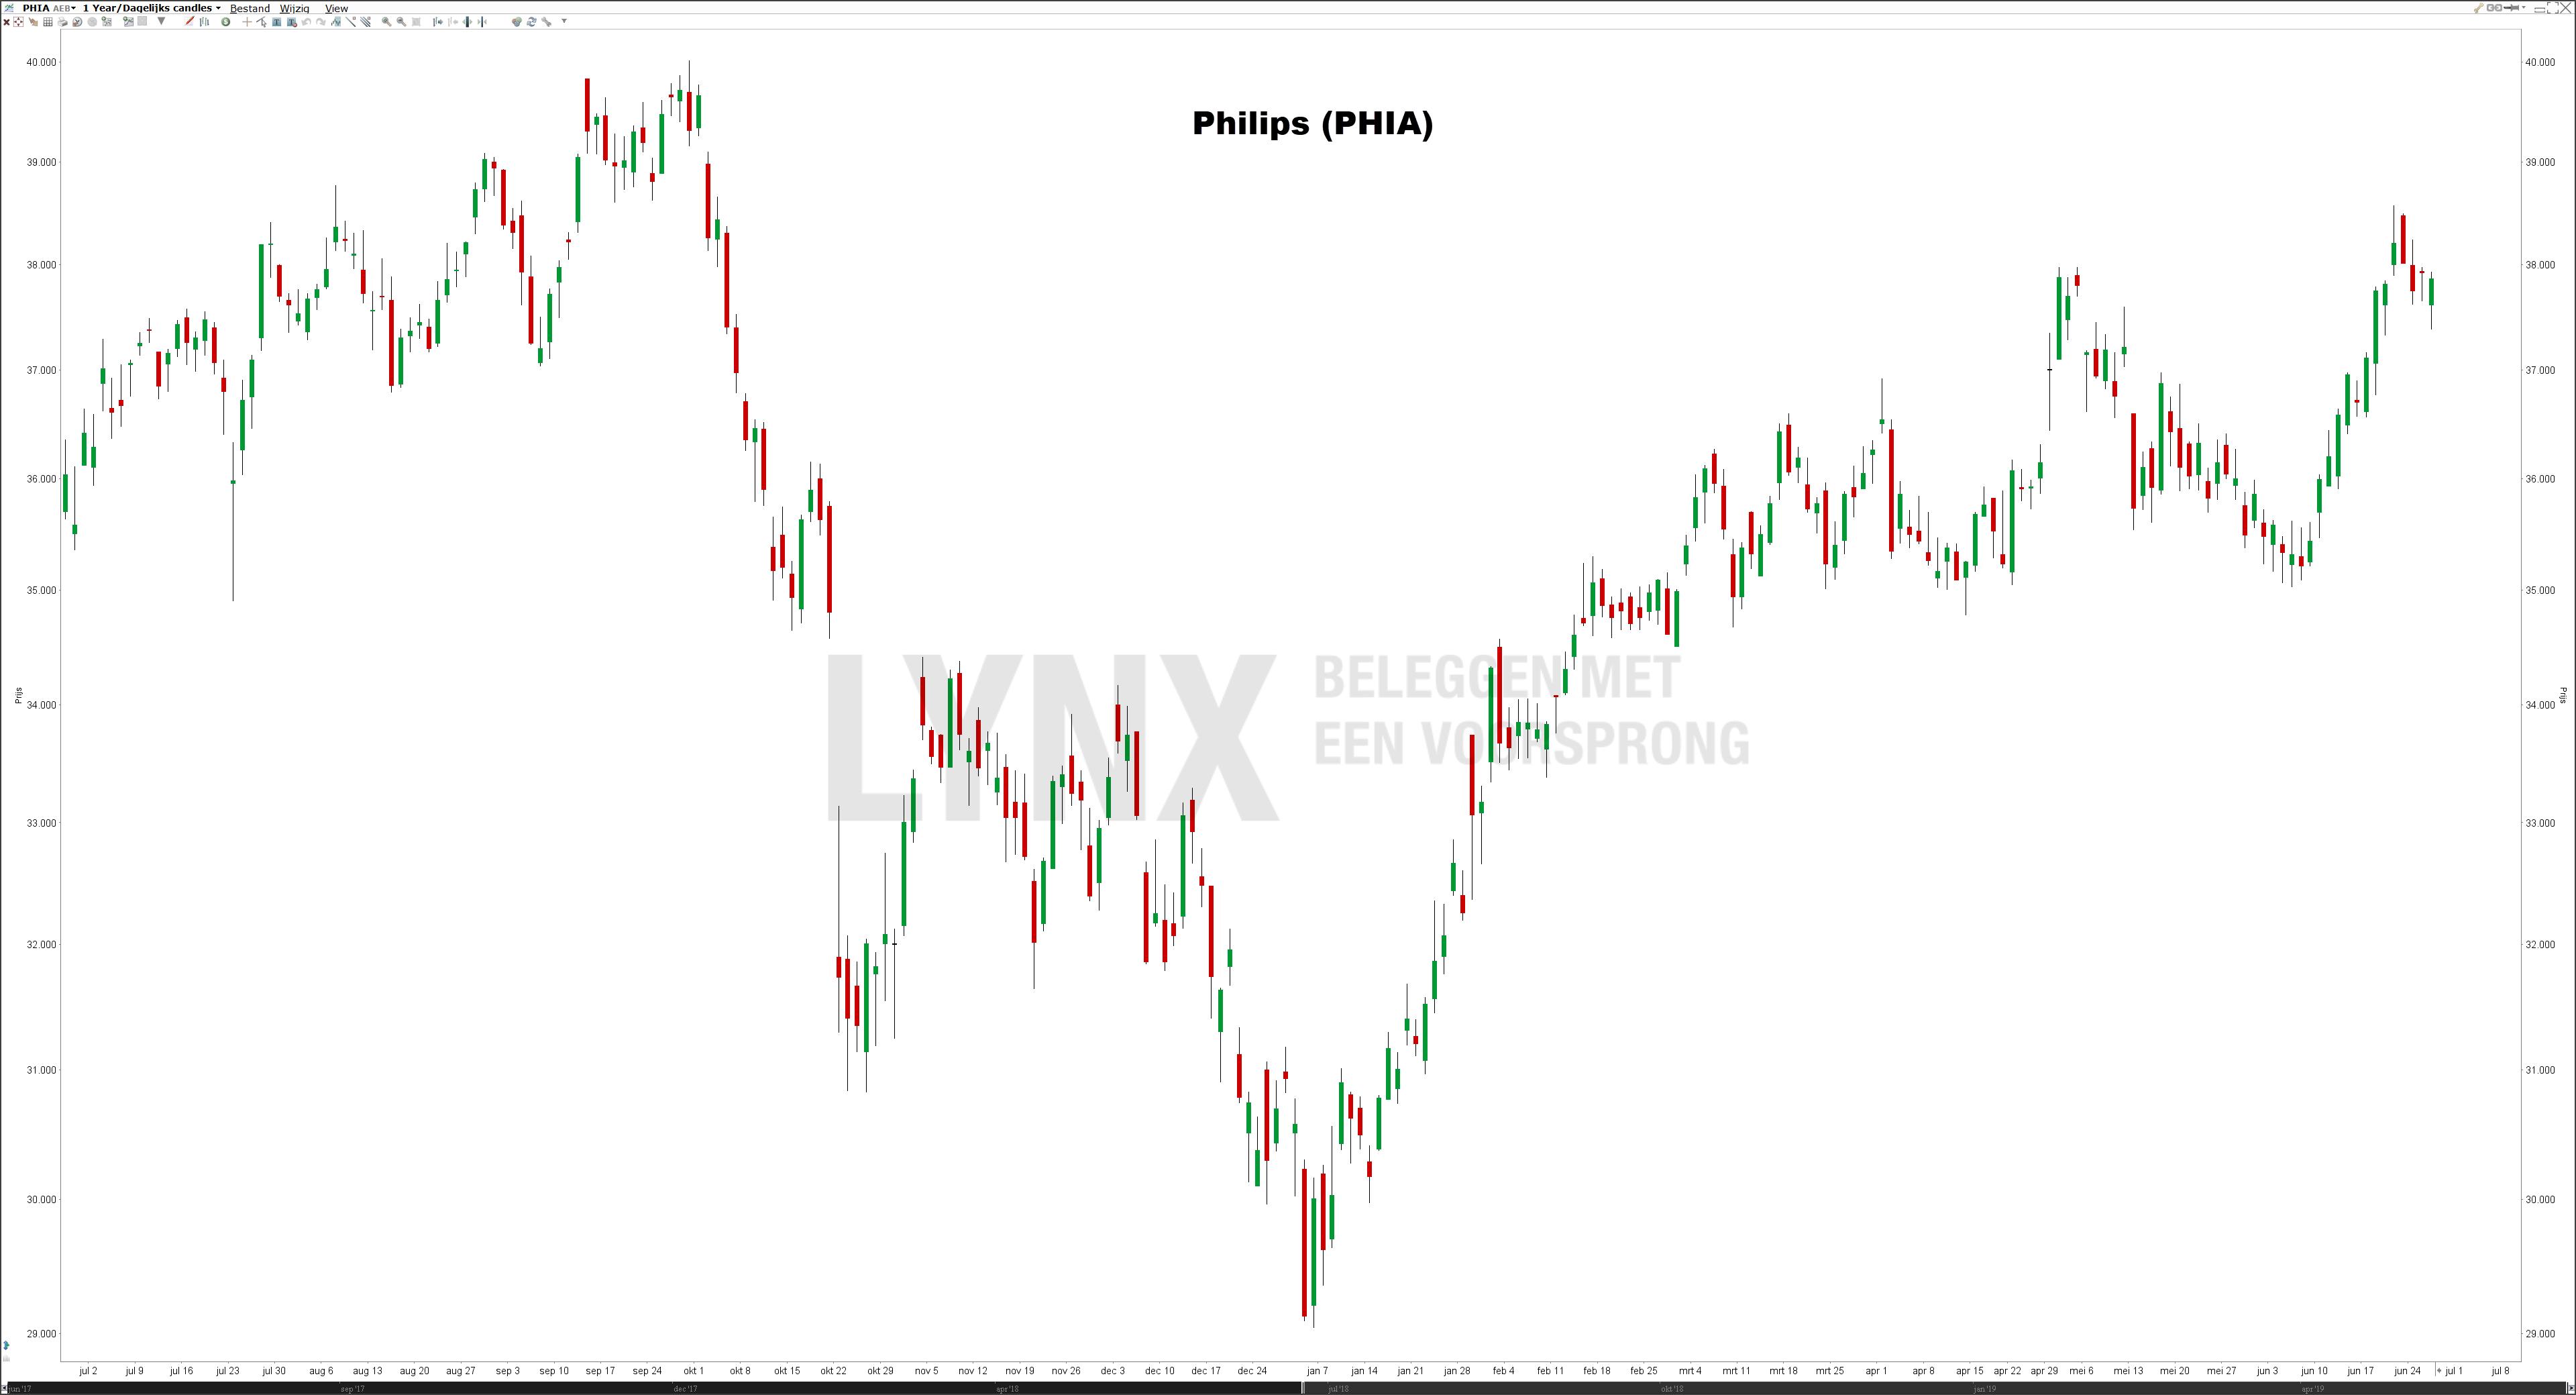 Koers Philips aandeel